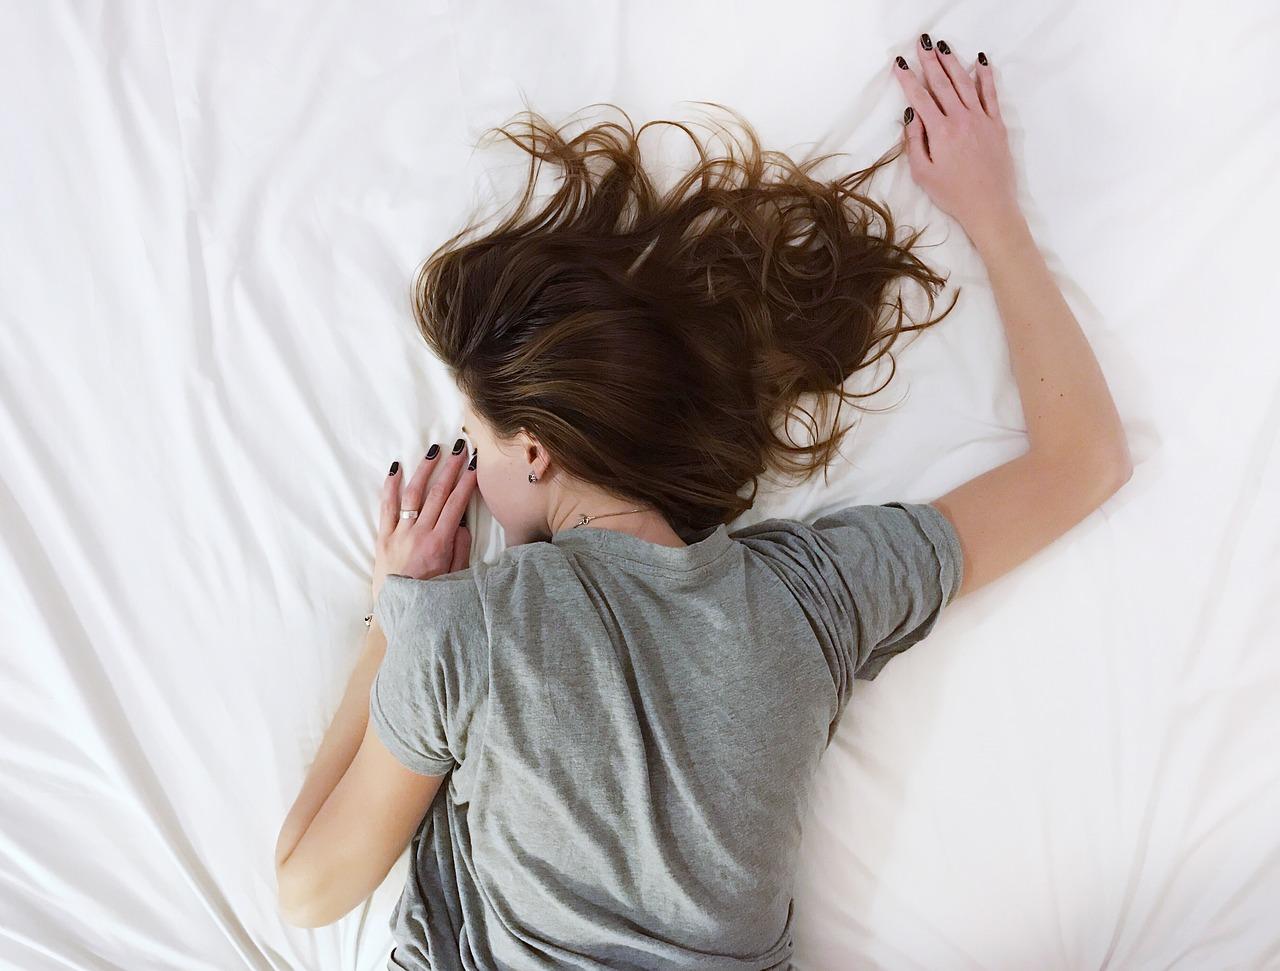 zmęczenie objawem endometriozy